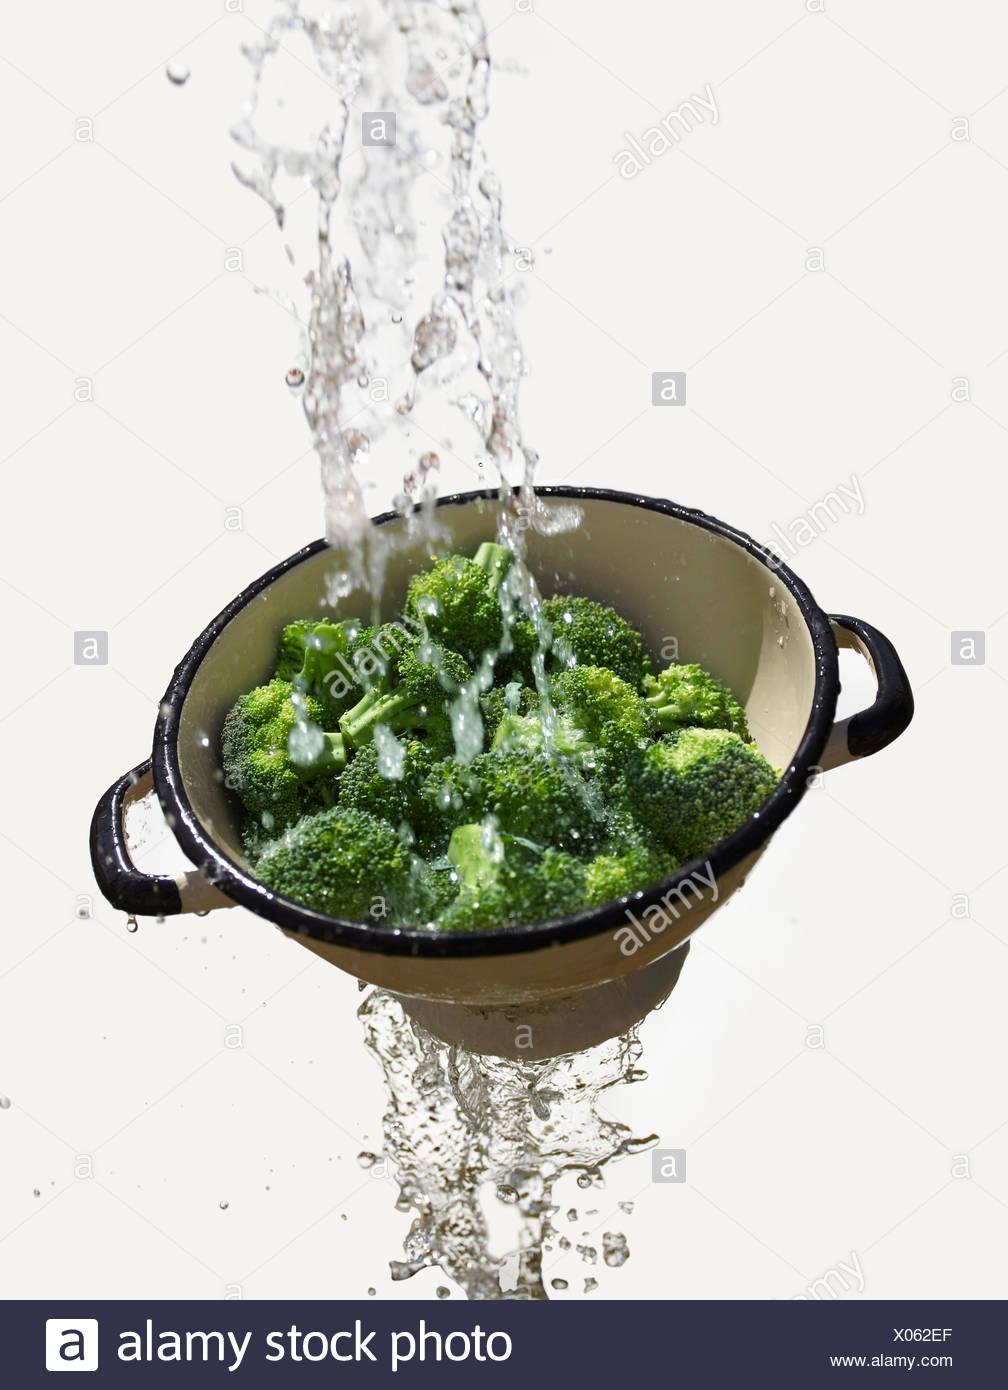 Wasser fällt durch das Sieb mit frischem Brokkoli Stockbild